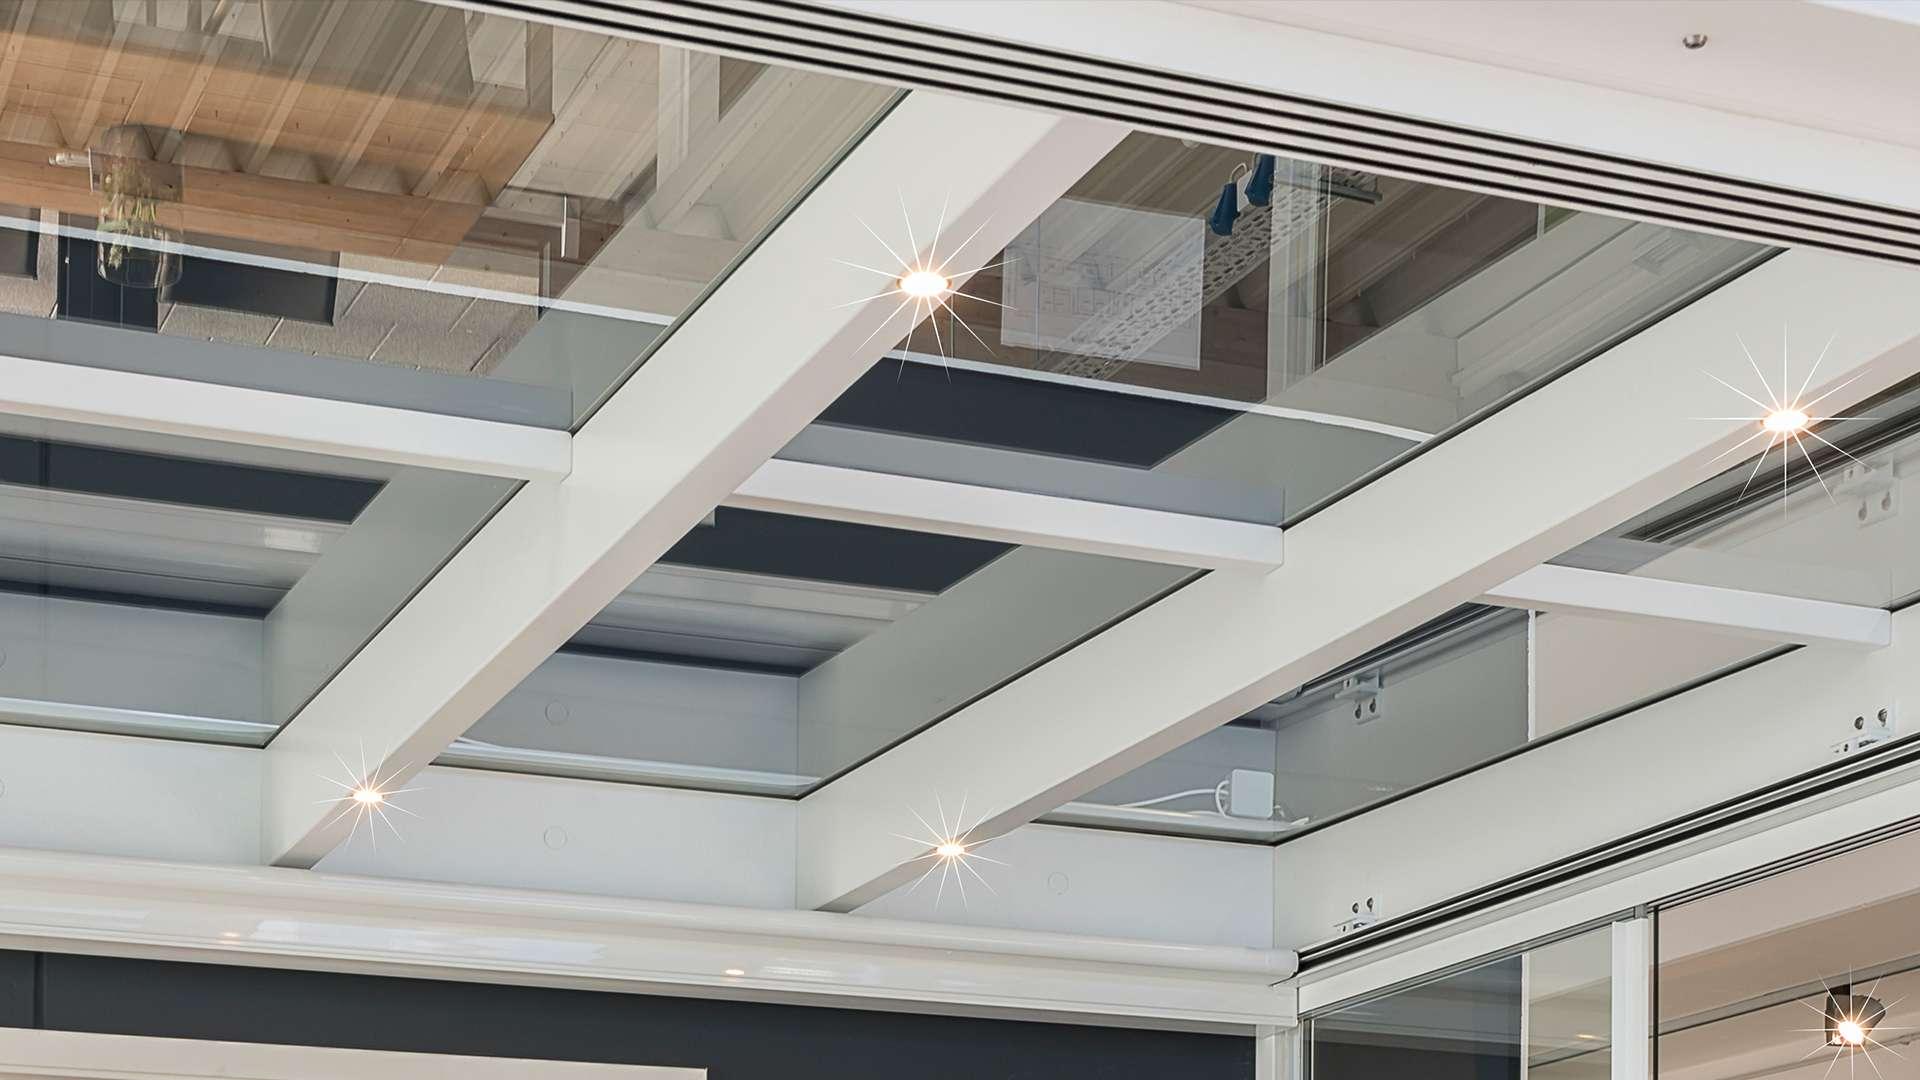 Detailansicht weißer Lichtsparren mit LED Lichtern